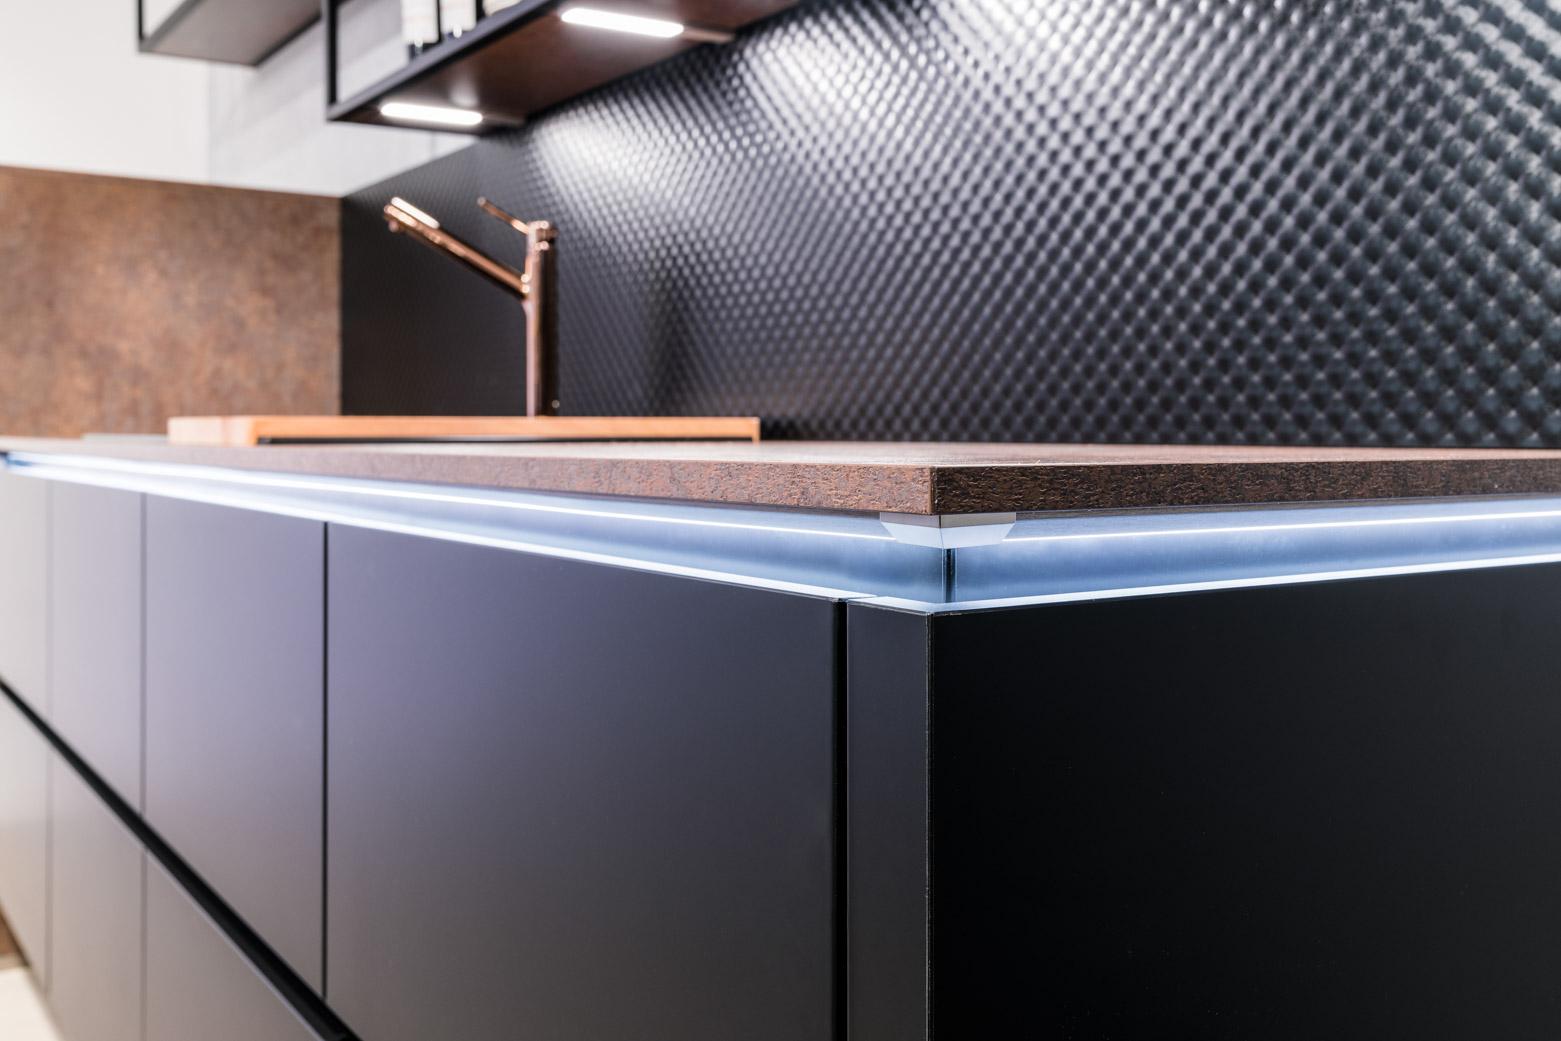 Weisser Küchenstudio Showroom Detailaufnahme Küchenzeile